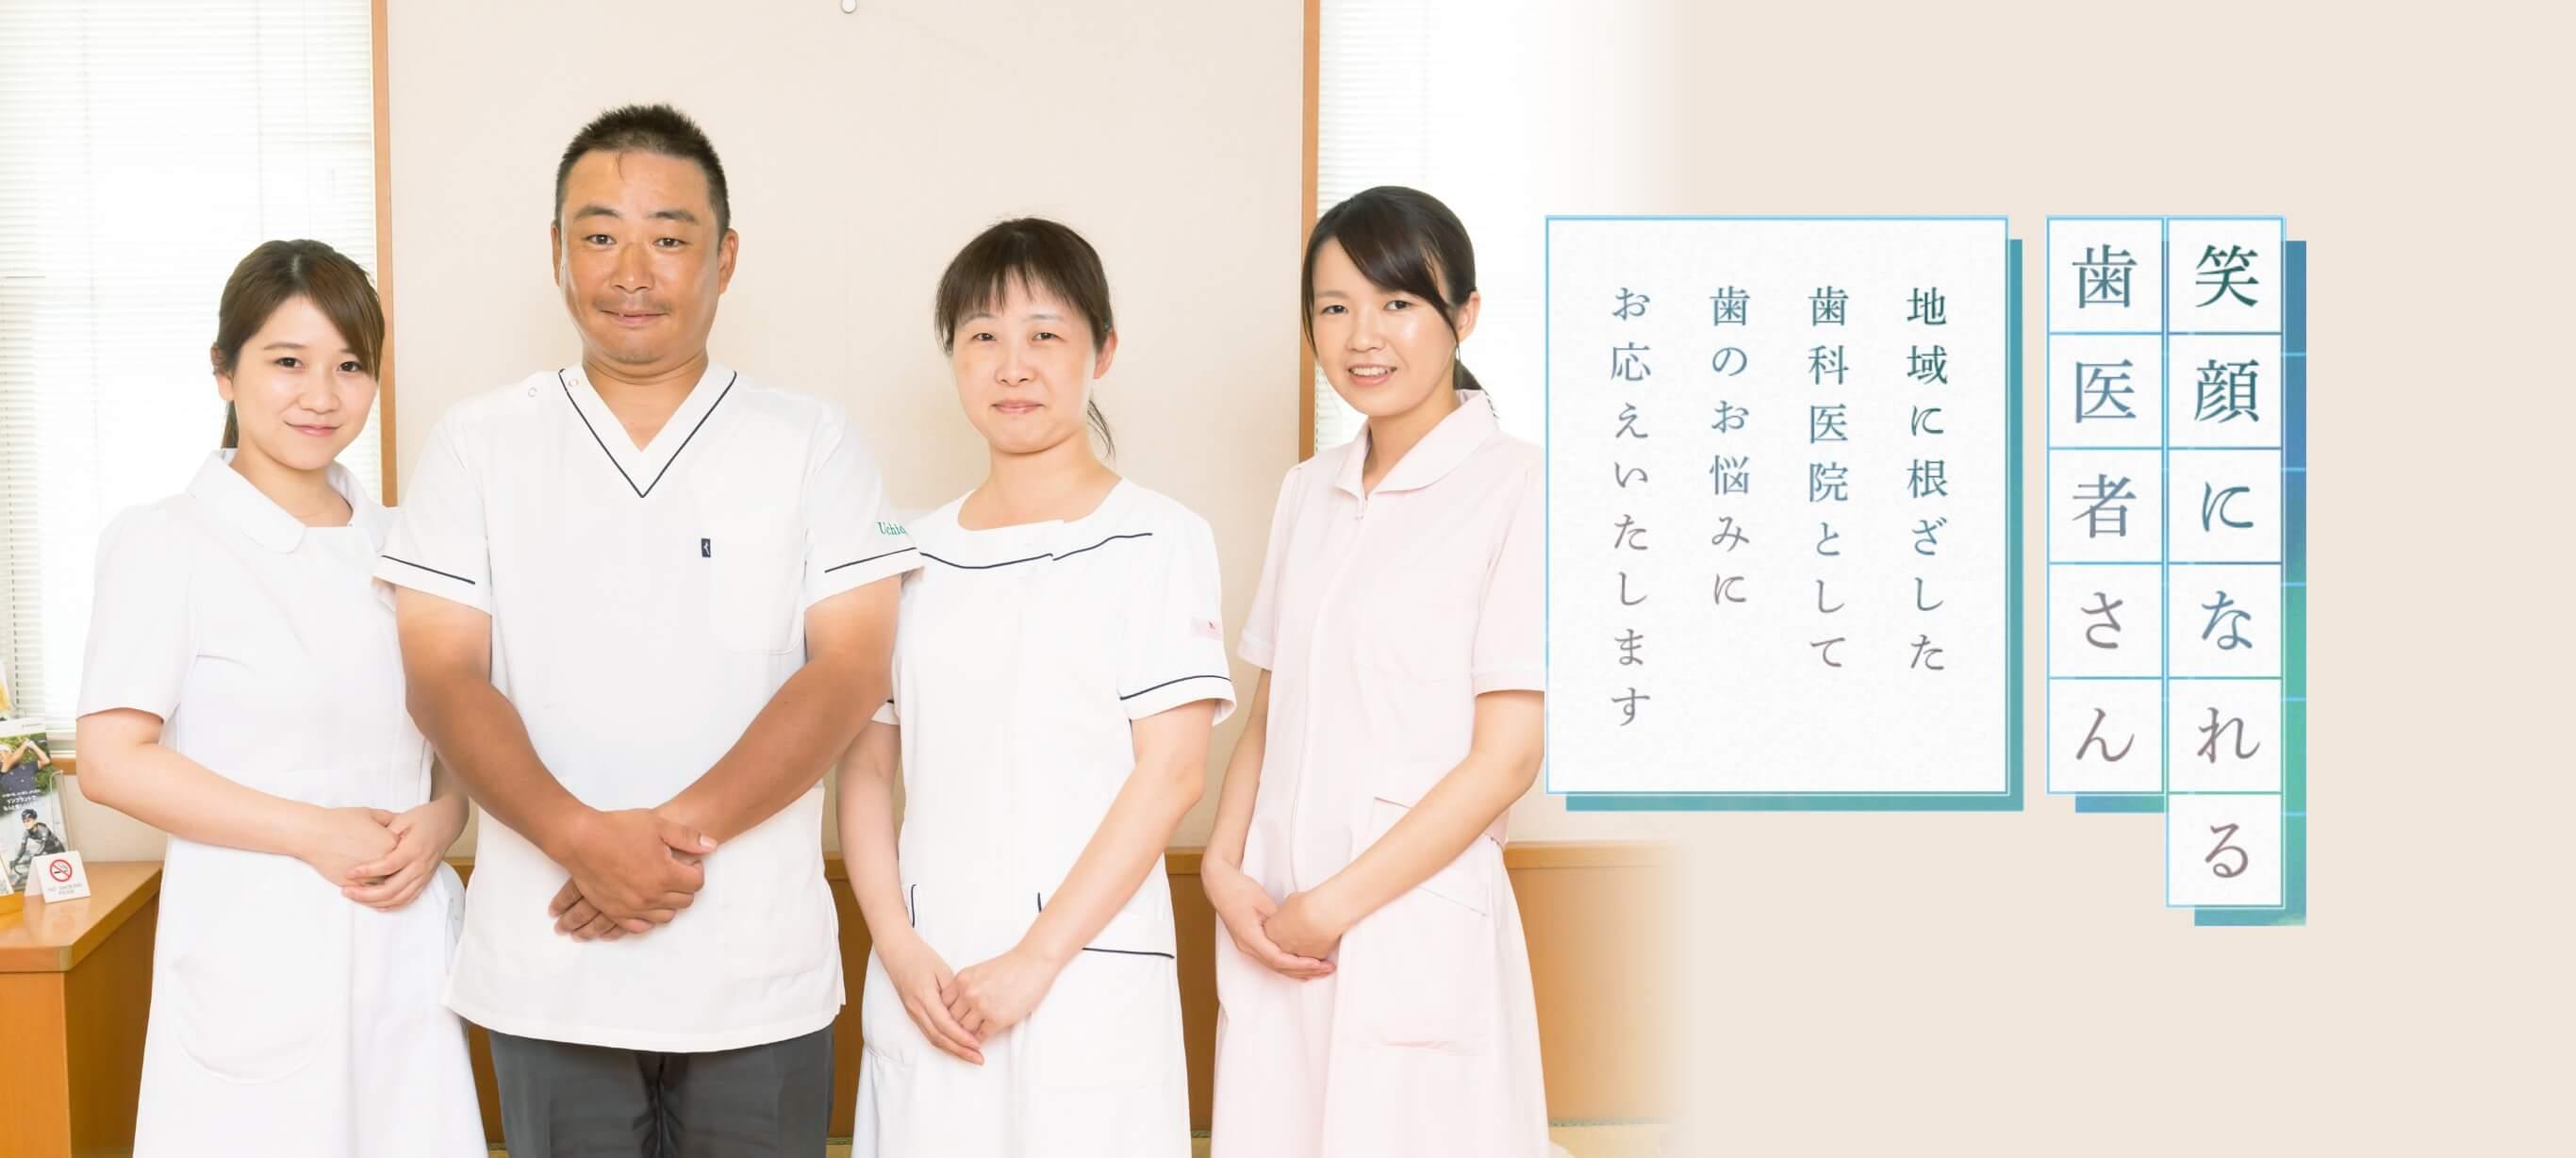 笑顔になれる歯医者さん 地域に根ざした歯科医院として歯のお悩みにお応えいたします。 日本有数の国際セレック トレーナーがいる当院だから白く美しい歯を短時間・低価格で手に入れられます。